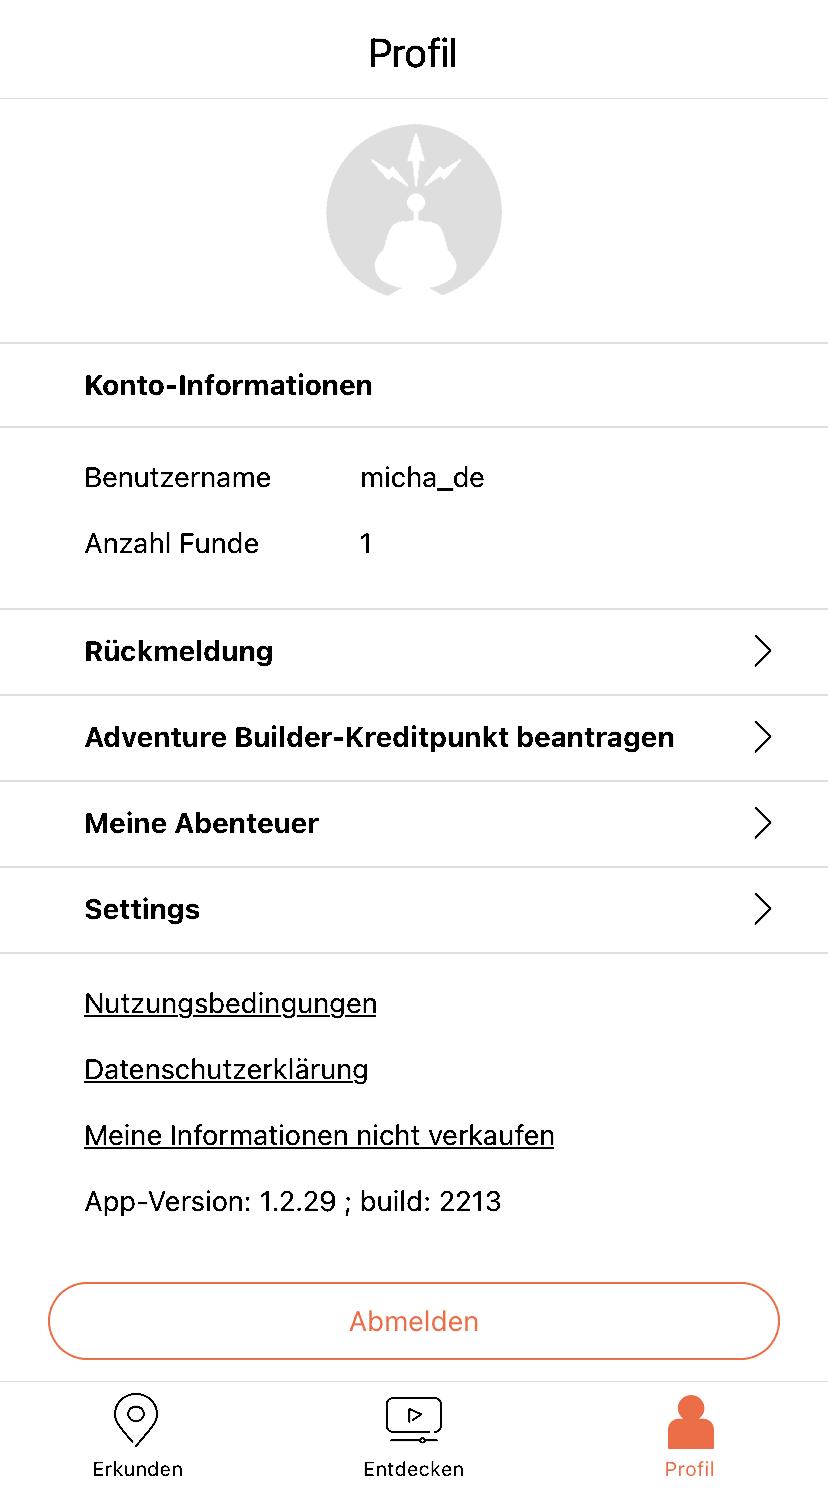 App - Profil angemeldet